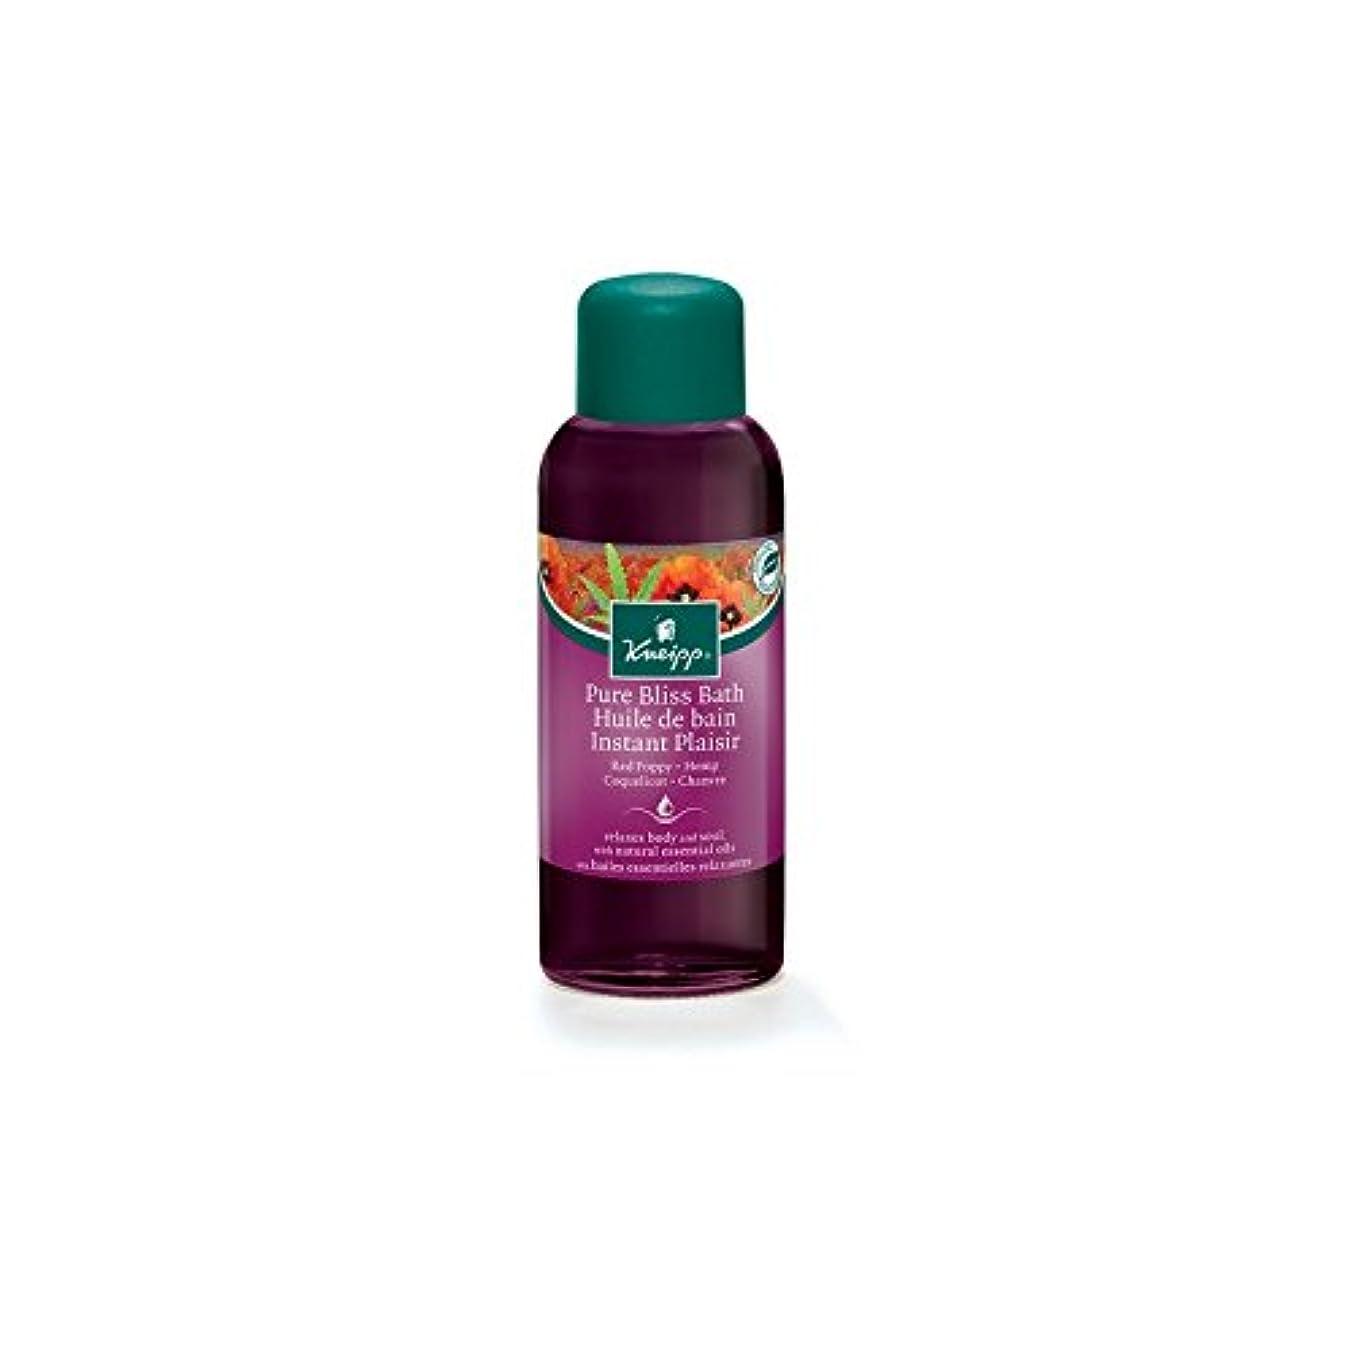 暖かくロケット法医学Kneipp Pure Bliss Herbal Red Poppy and Hemp Bath Oil (100ml) (Pack of 6) - クナイプ純粋な至福ハーブの赤いケシと麻バスオイル(100ミリリットル)...